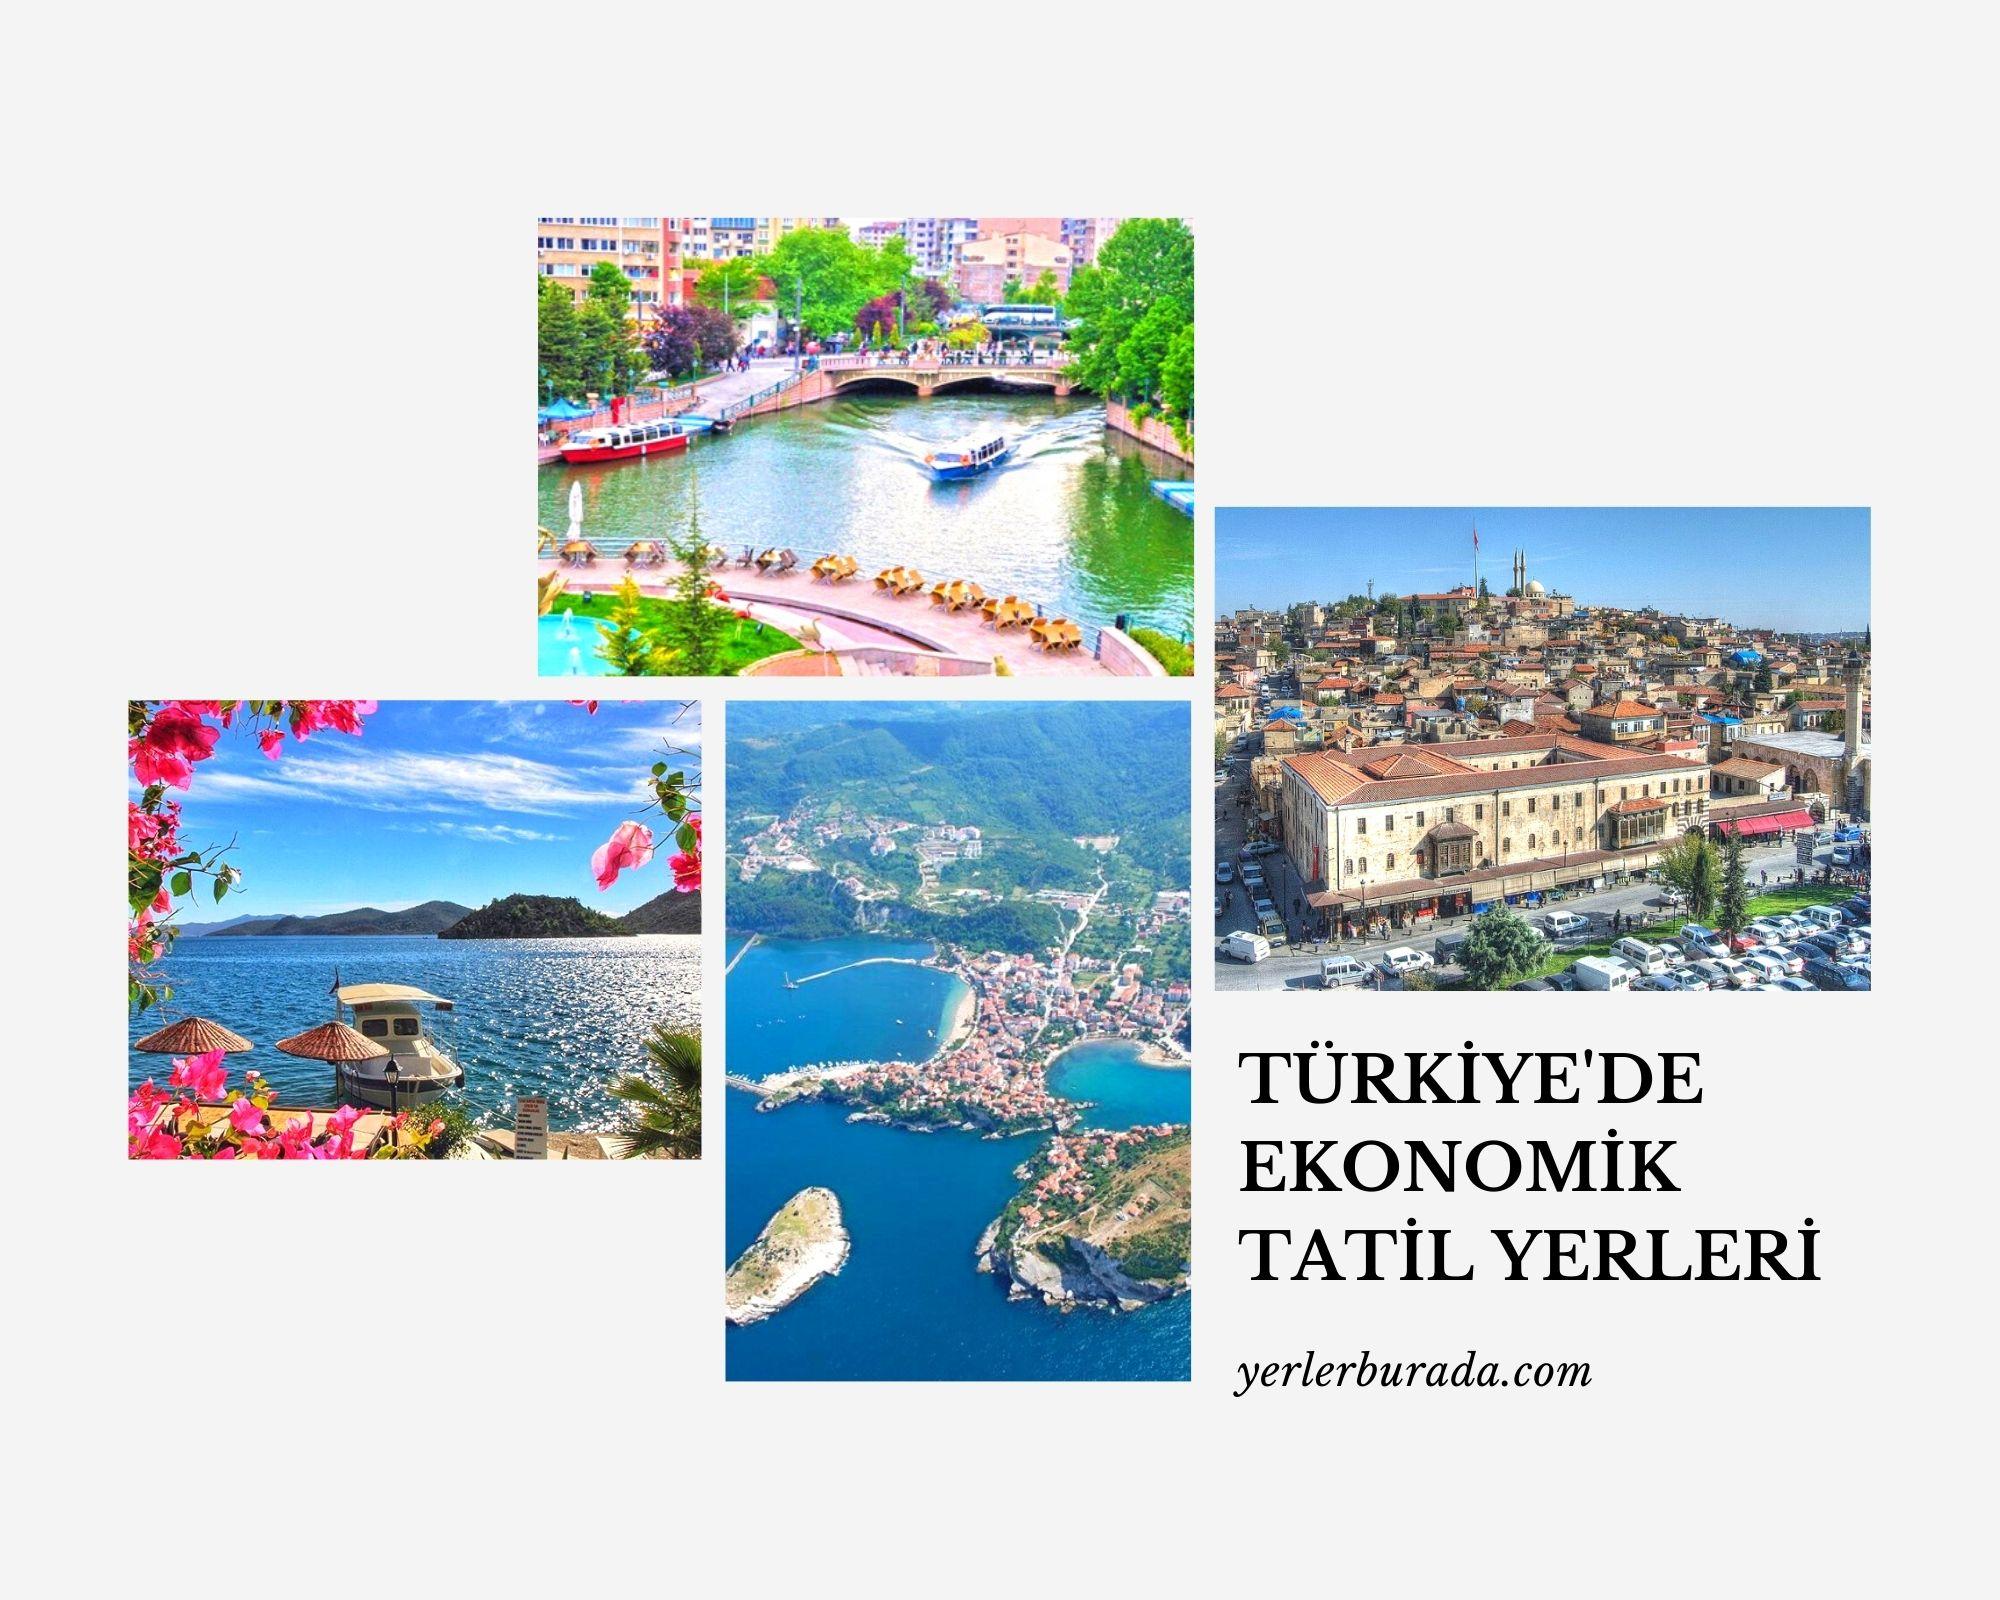 türkiye'de ekonomik tatil yerleri